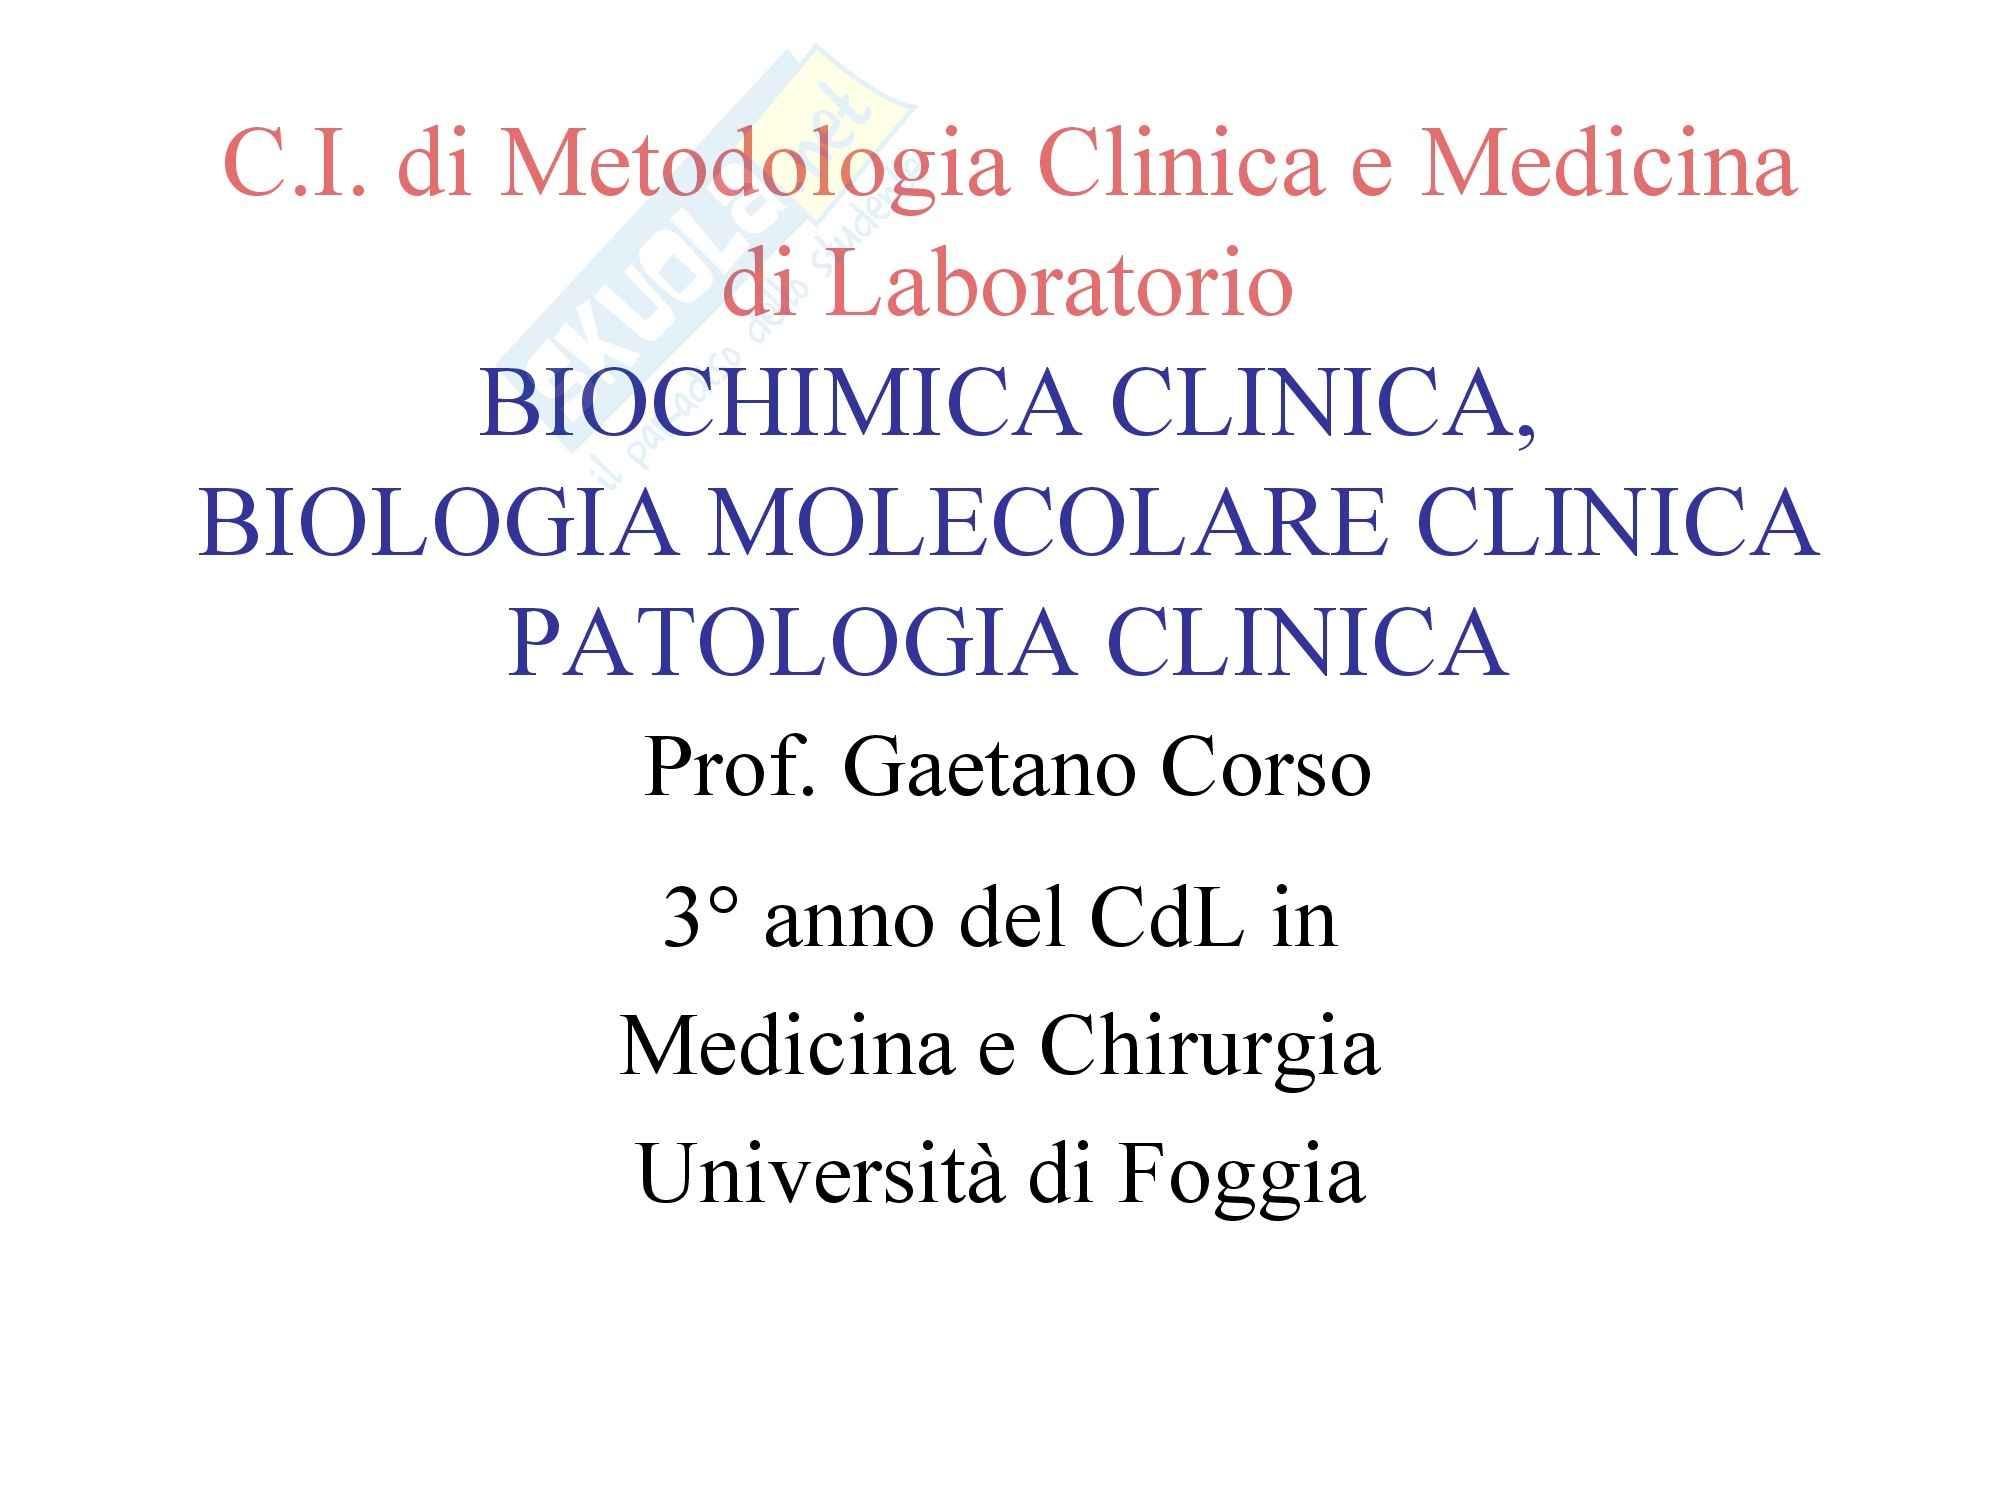 Biochimica Clinica e patologia clinica - Introduzione